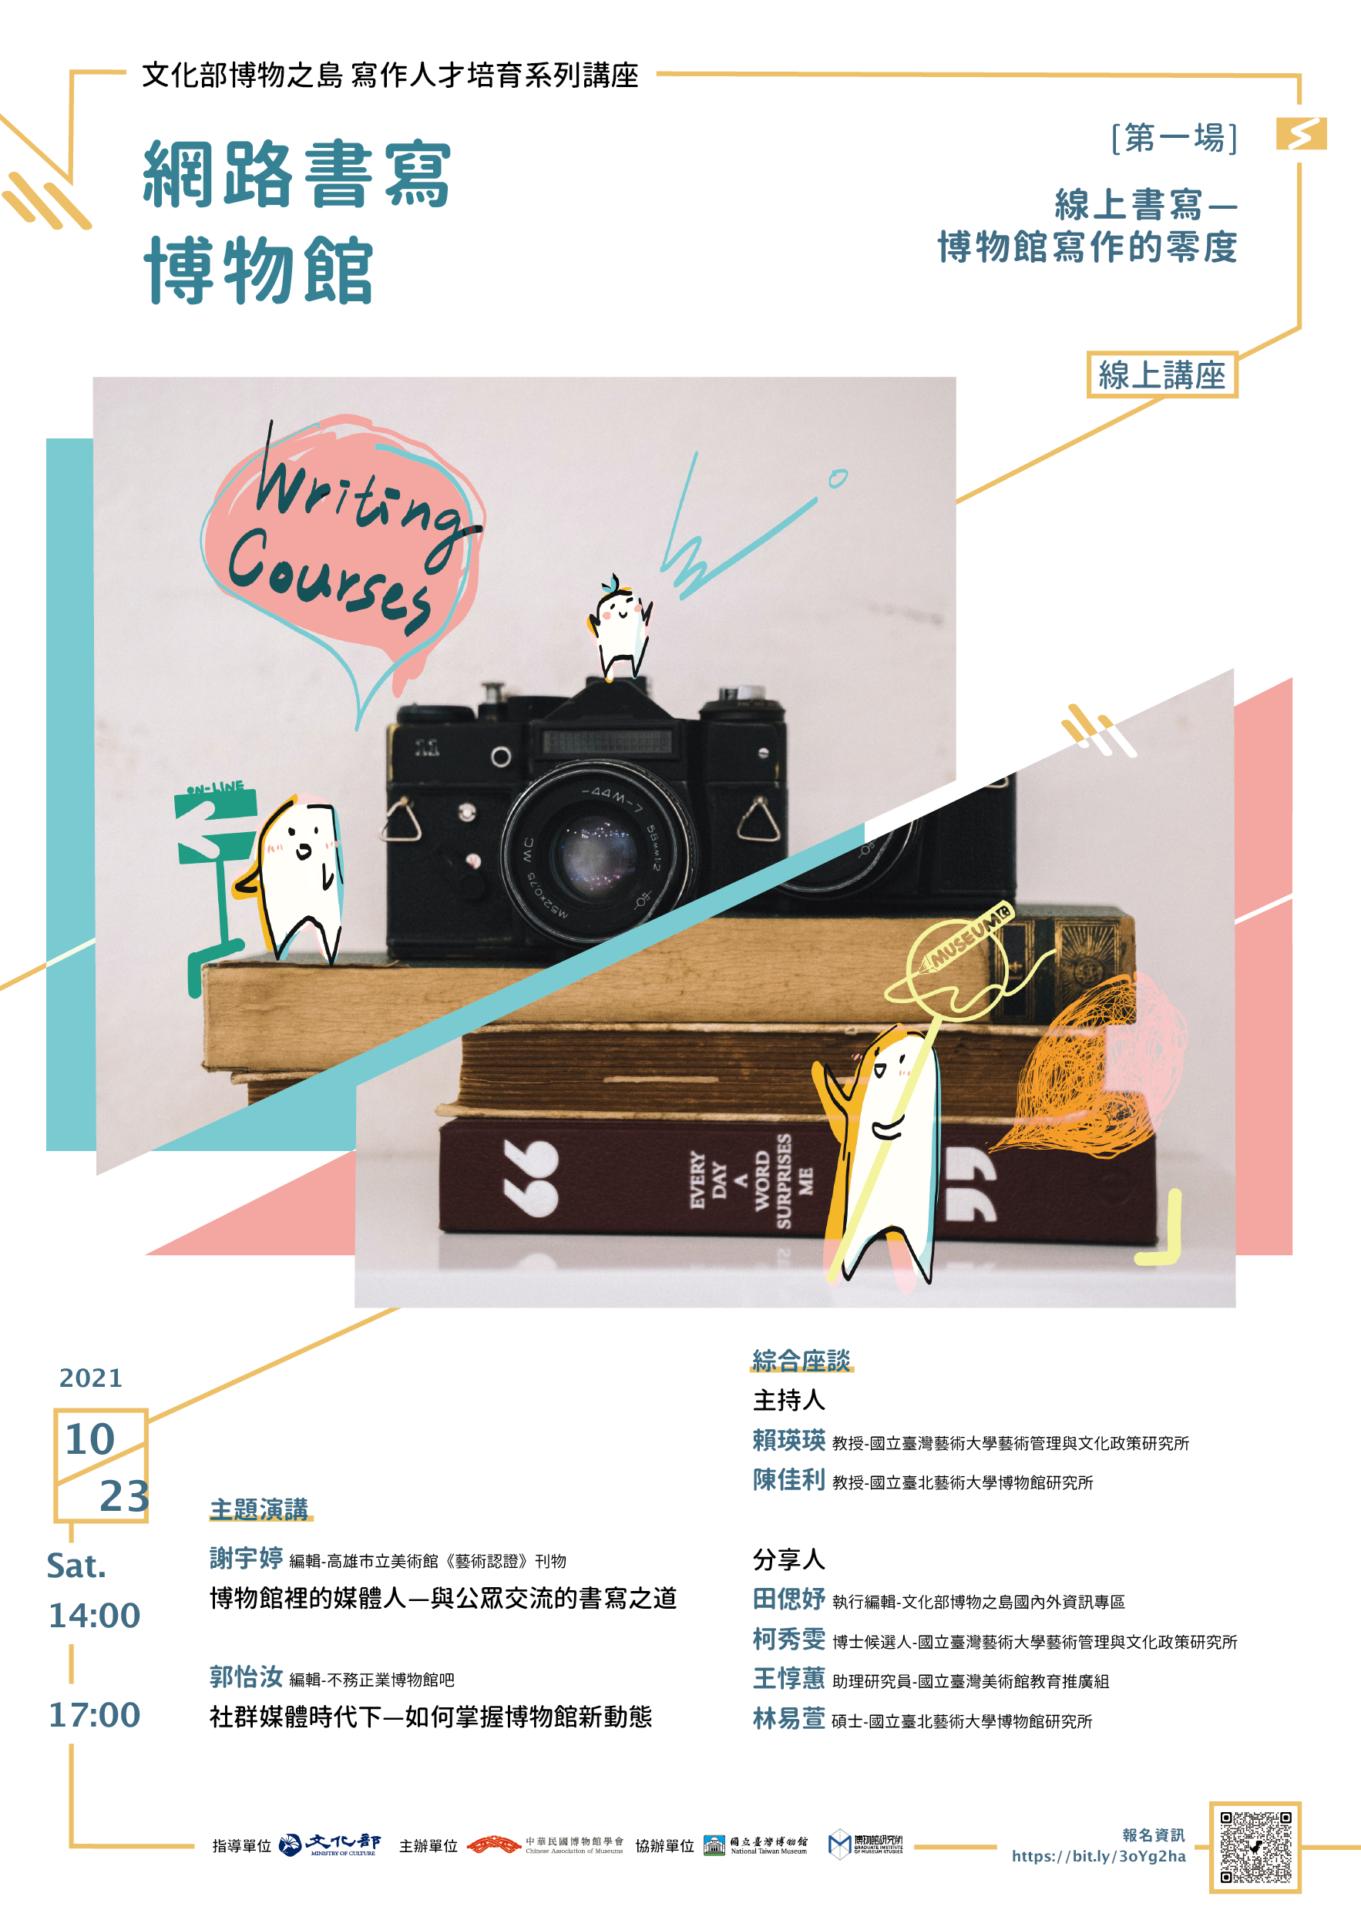 2021/10/23 【網路書寫博物館—文化部博物之島寫作人才培育系列講座】第一場 線上書寫—博物館寫作的零度